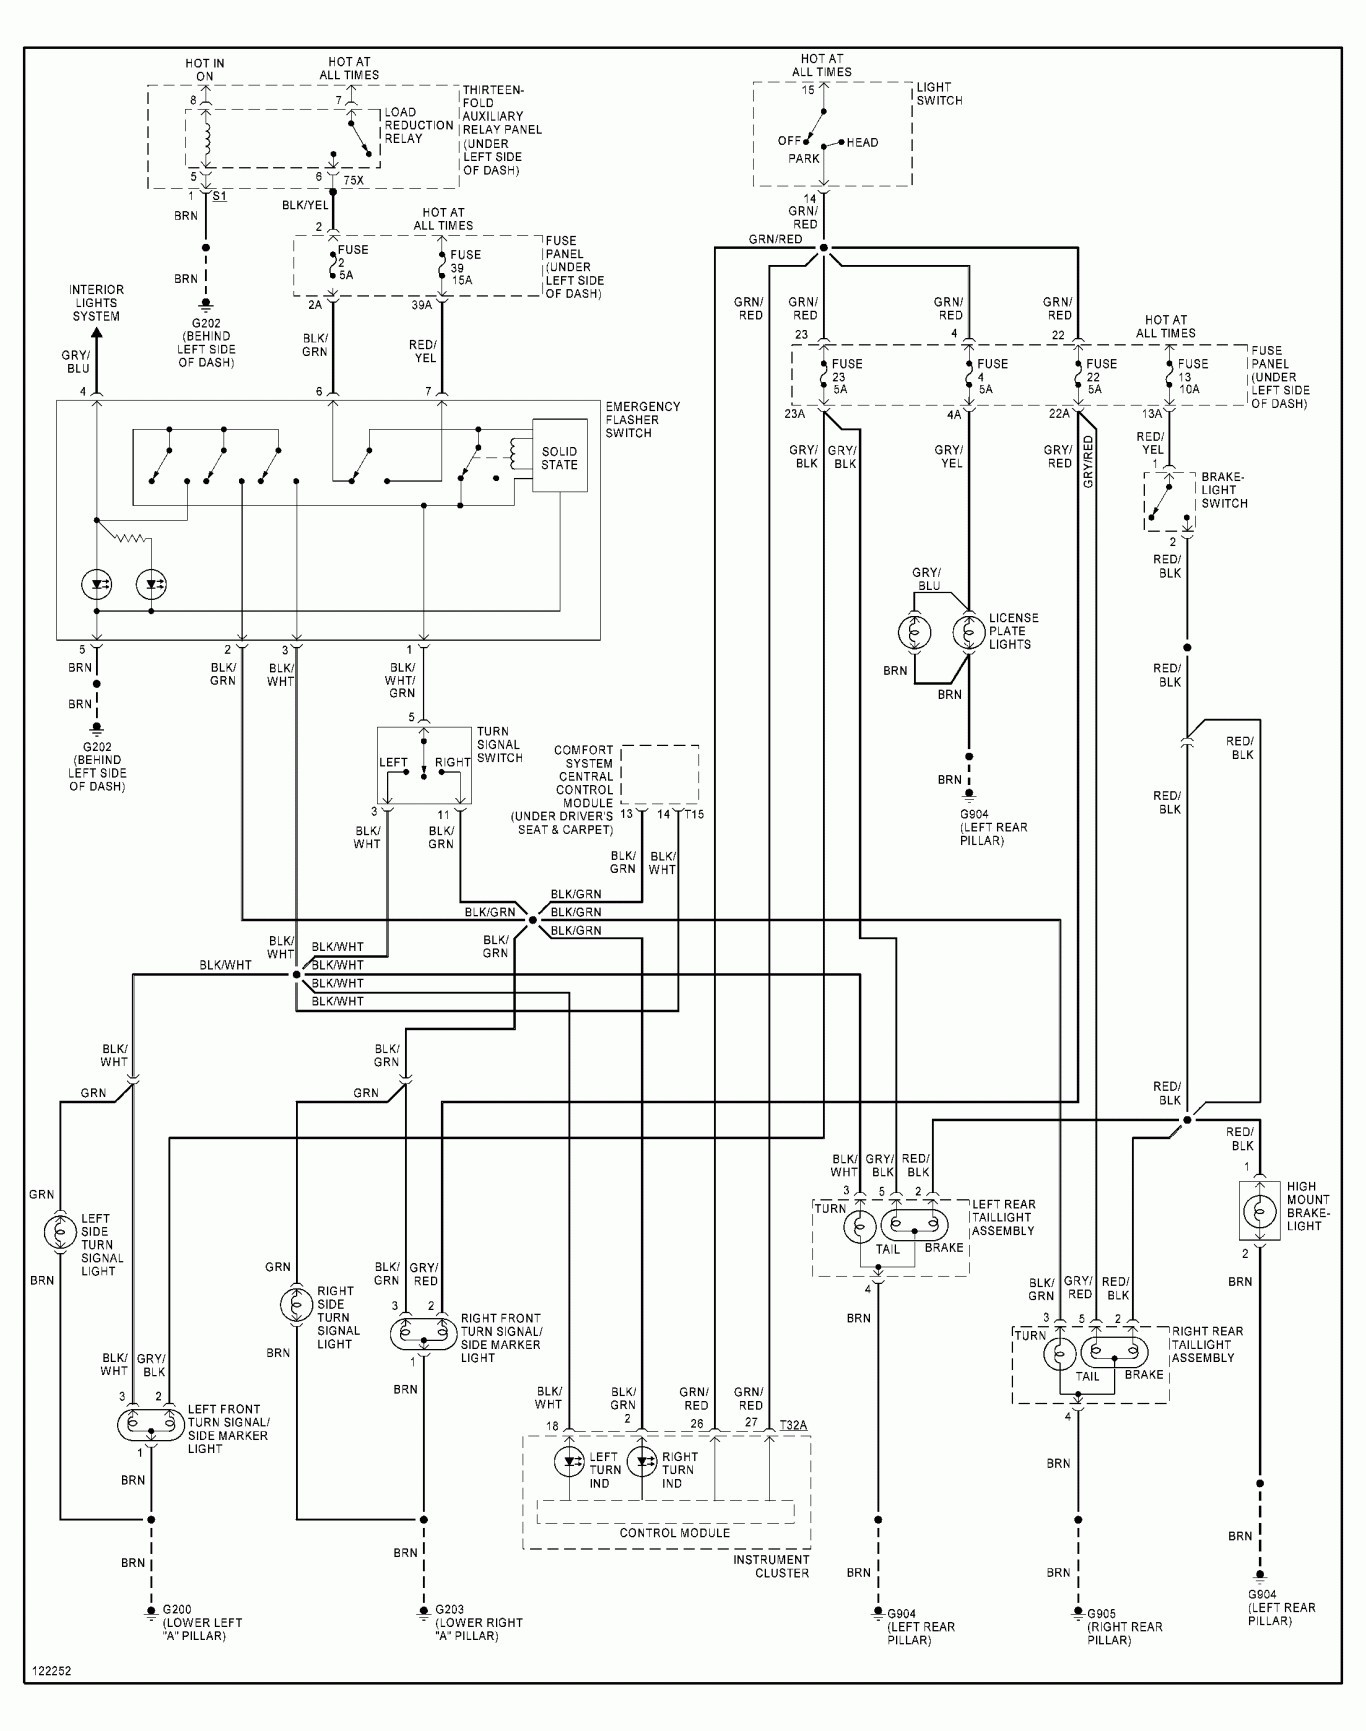 Vw Passat Wiring Diagram Best Headlight Wiring Diagram Diagram Of Vw Passat Wiring Diagram